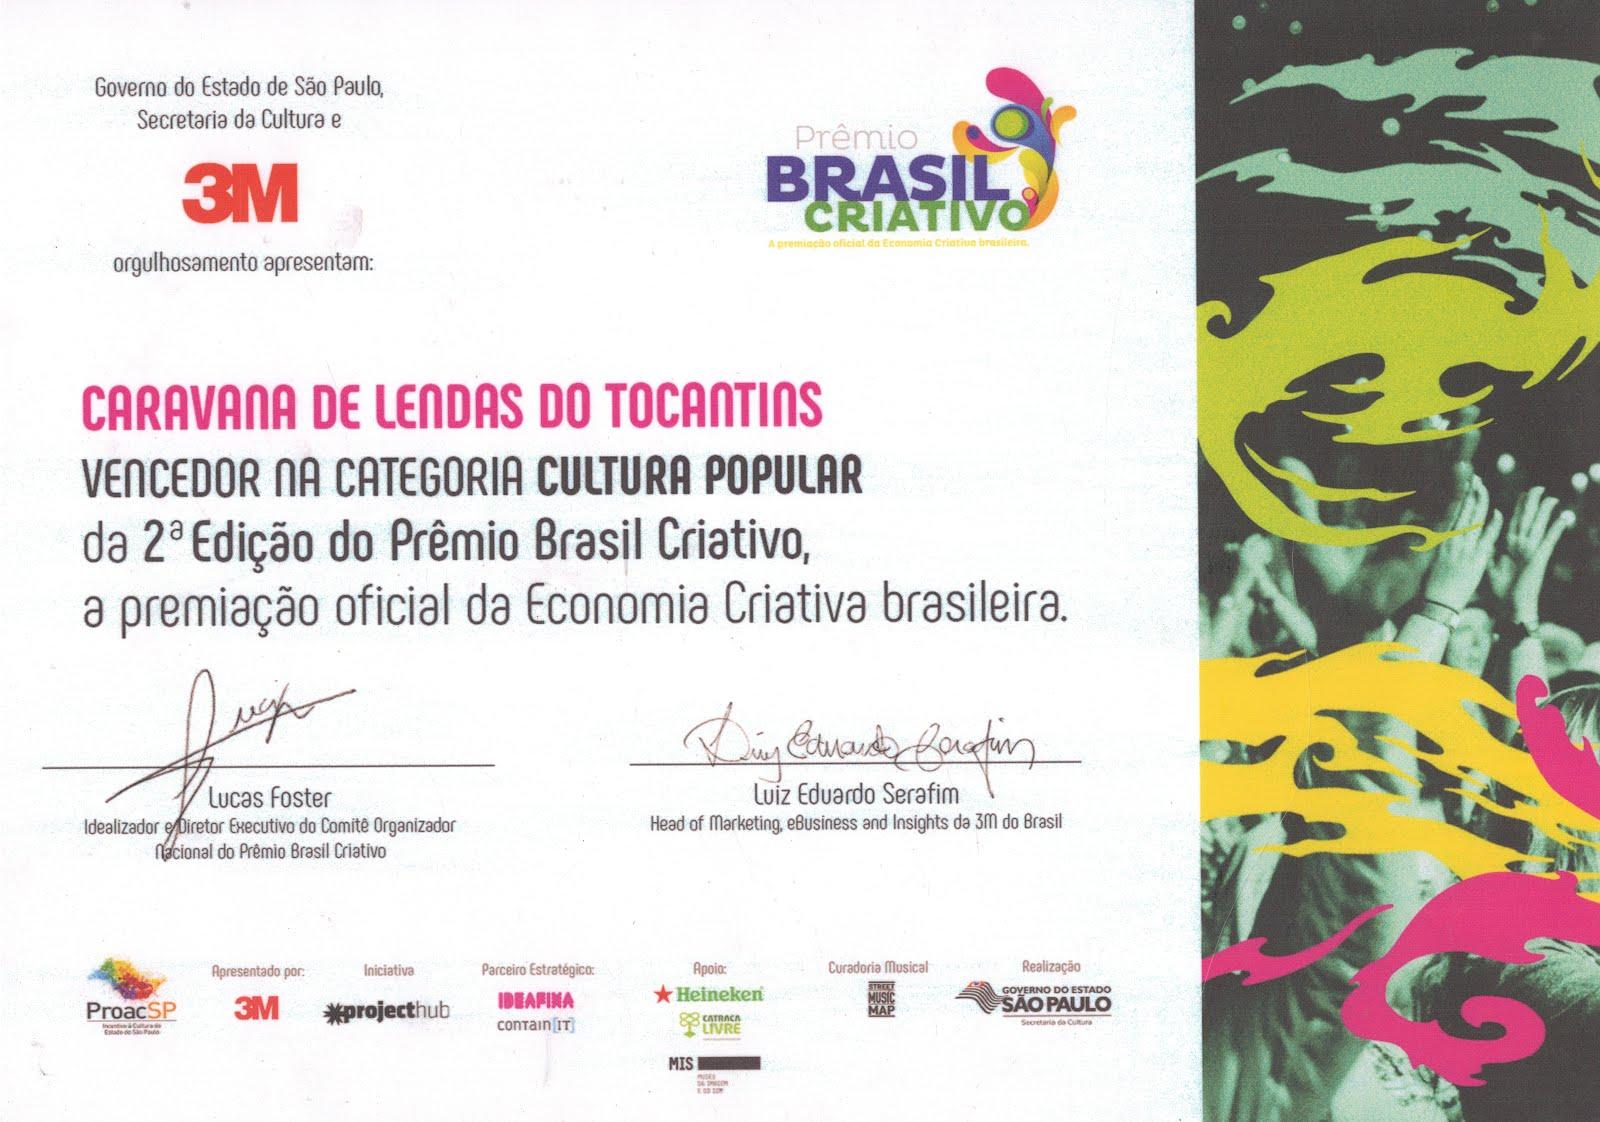 Vencedor do Prêmio Brasil Criativo 2016